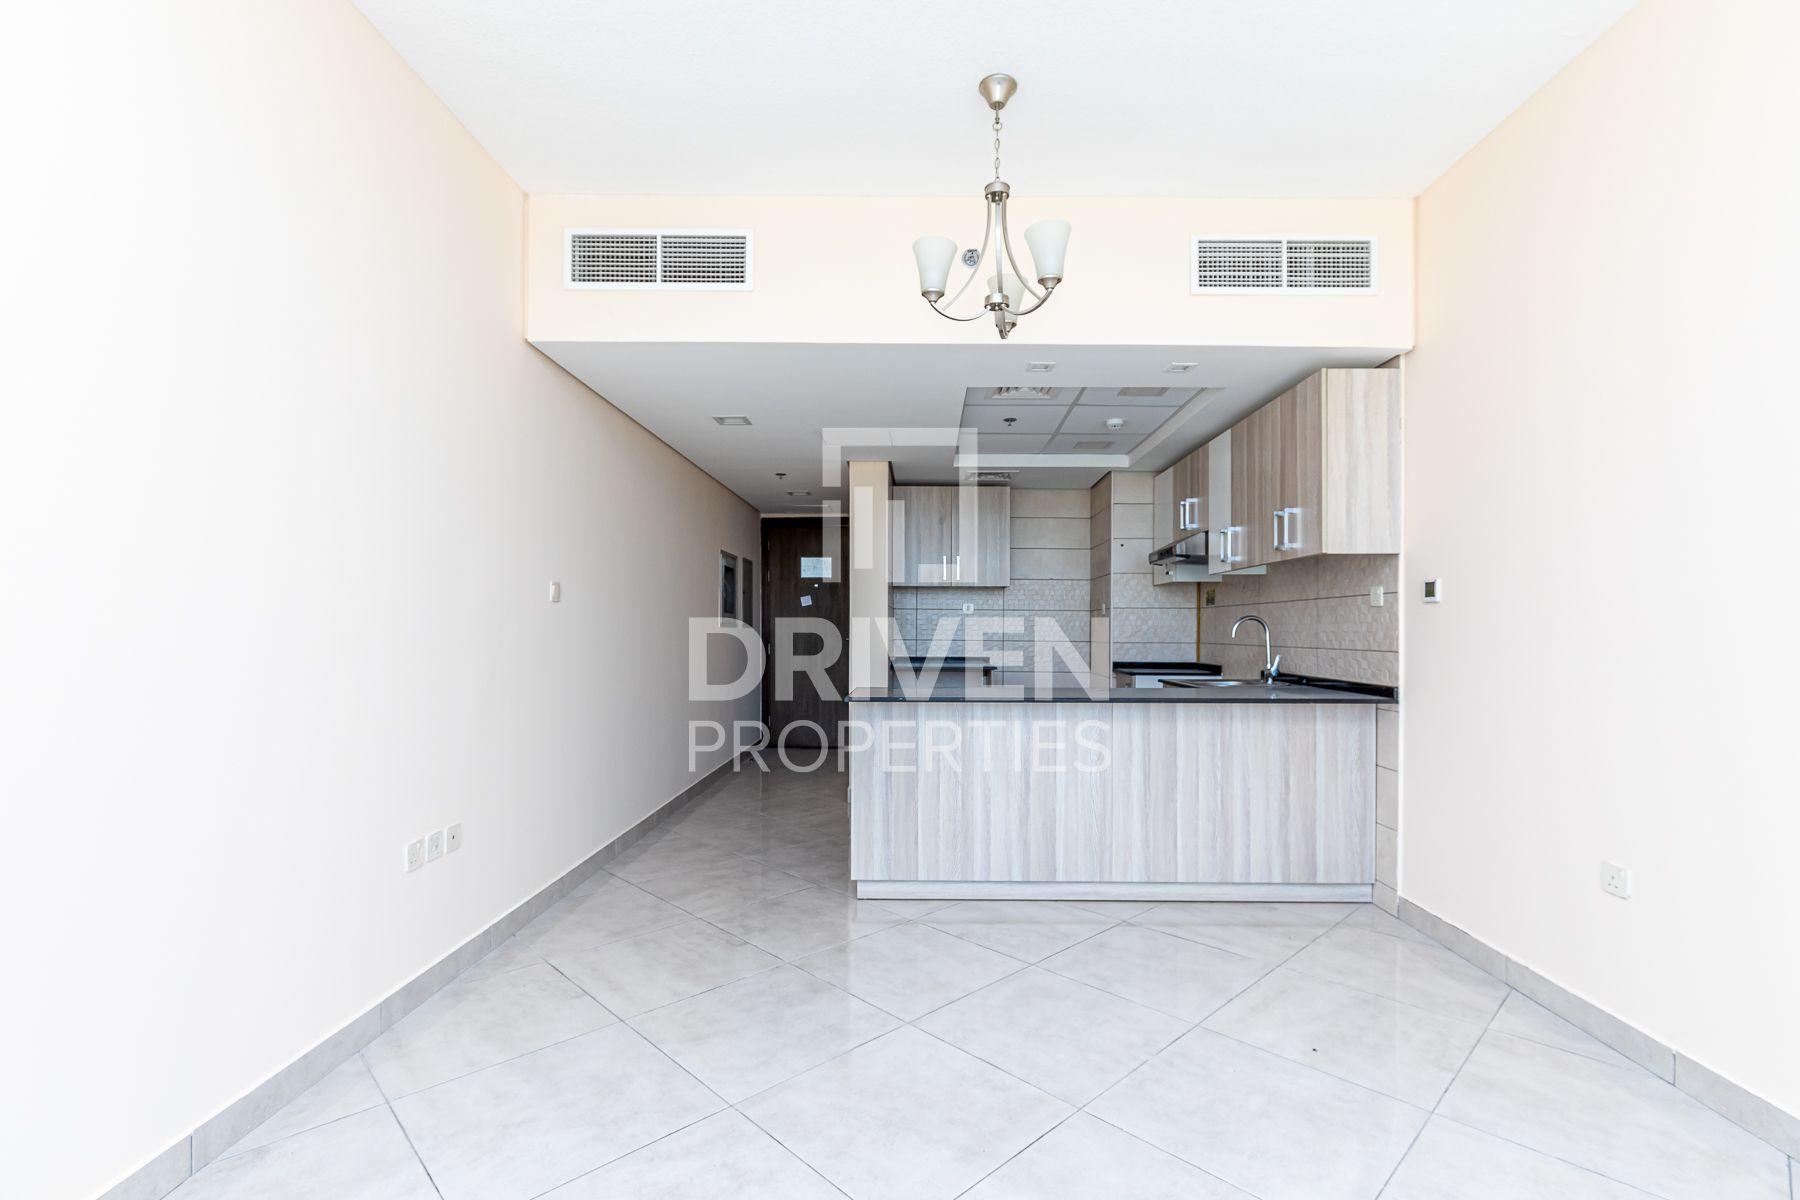 749 قدم مربع  شقة - للايجار - قرية الجميرا سركل